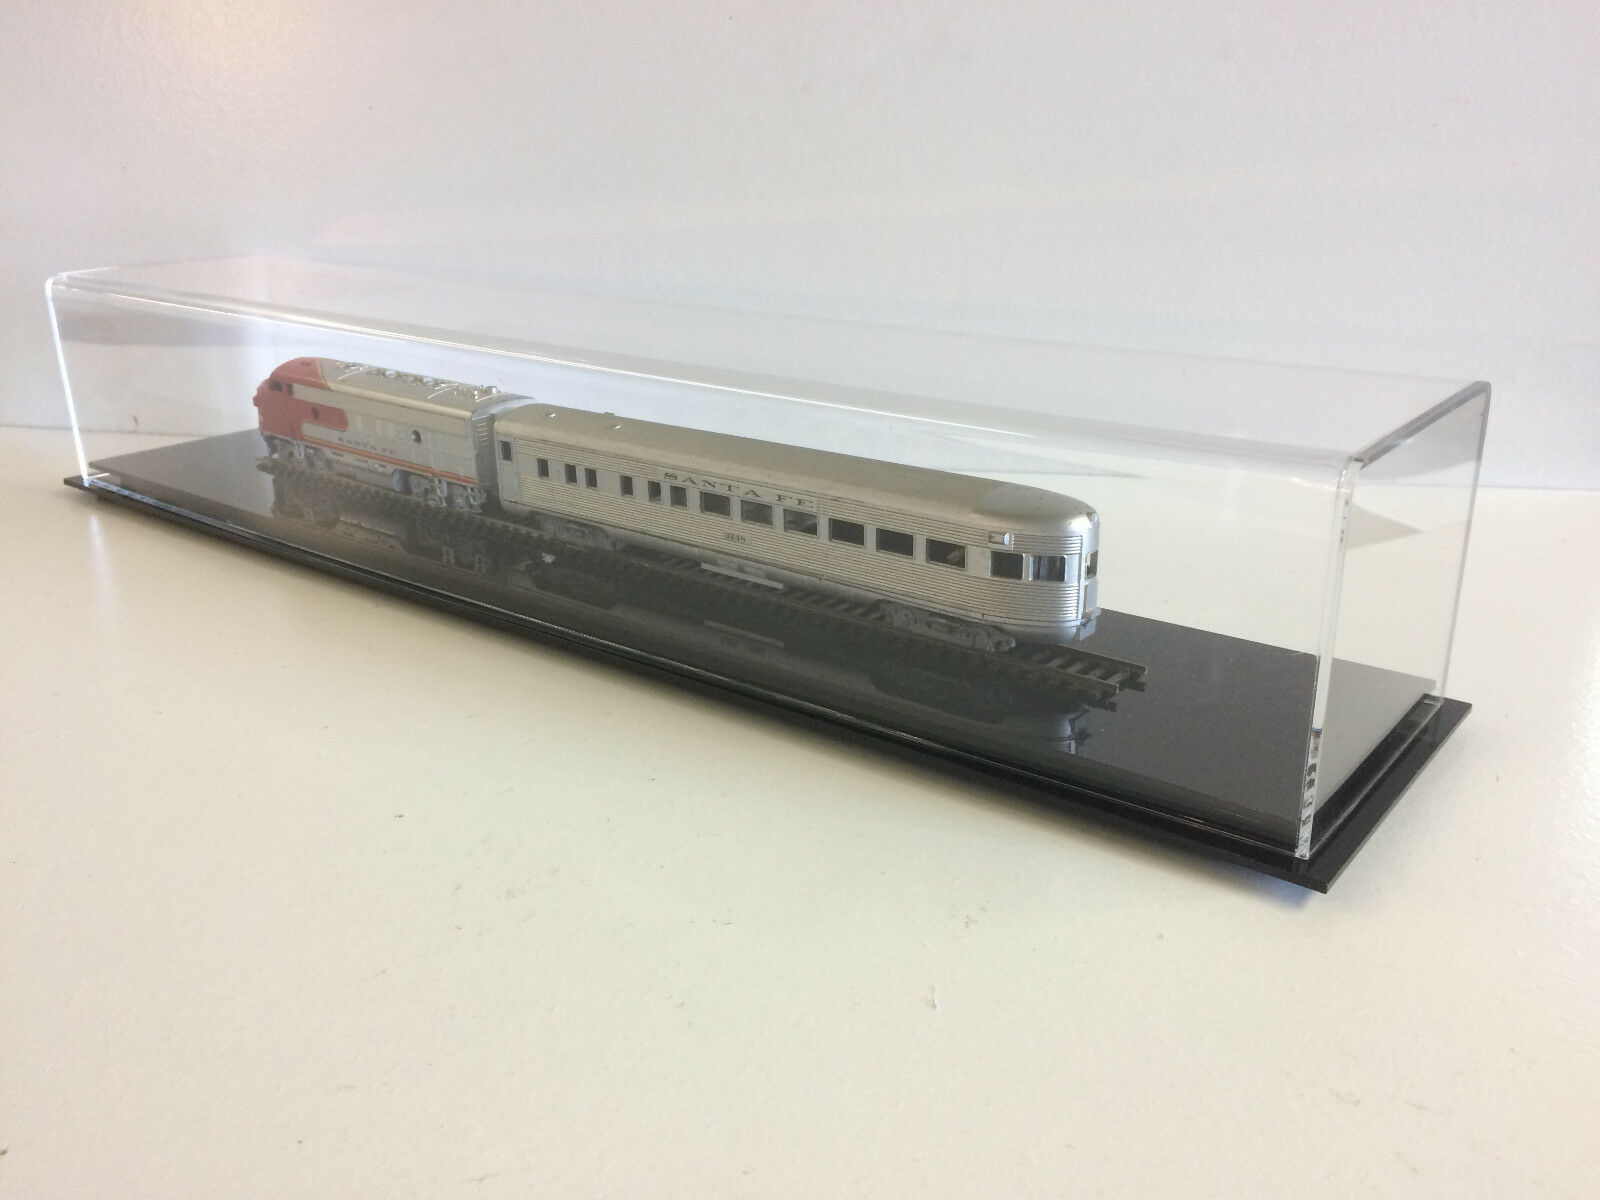 edición limitada Caso de exhibición de tren escala HO 24    de Largo con Base De Acrílico Negro  marca de lujo